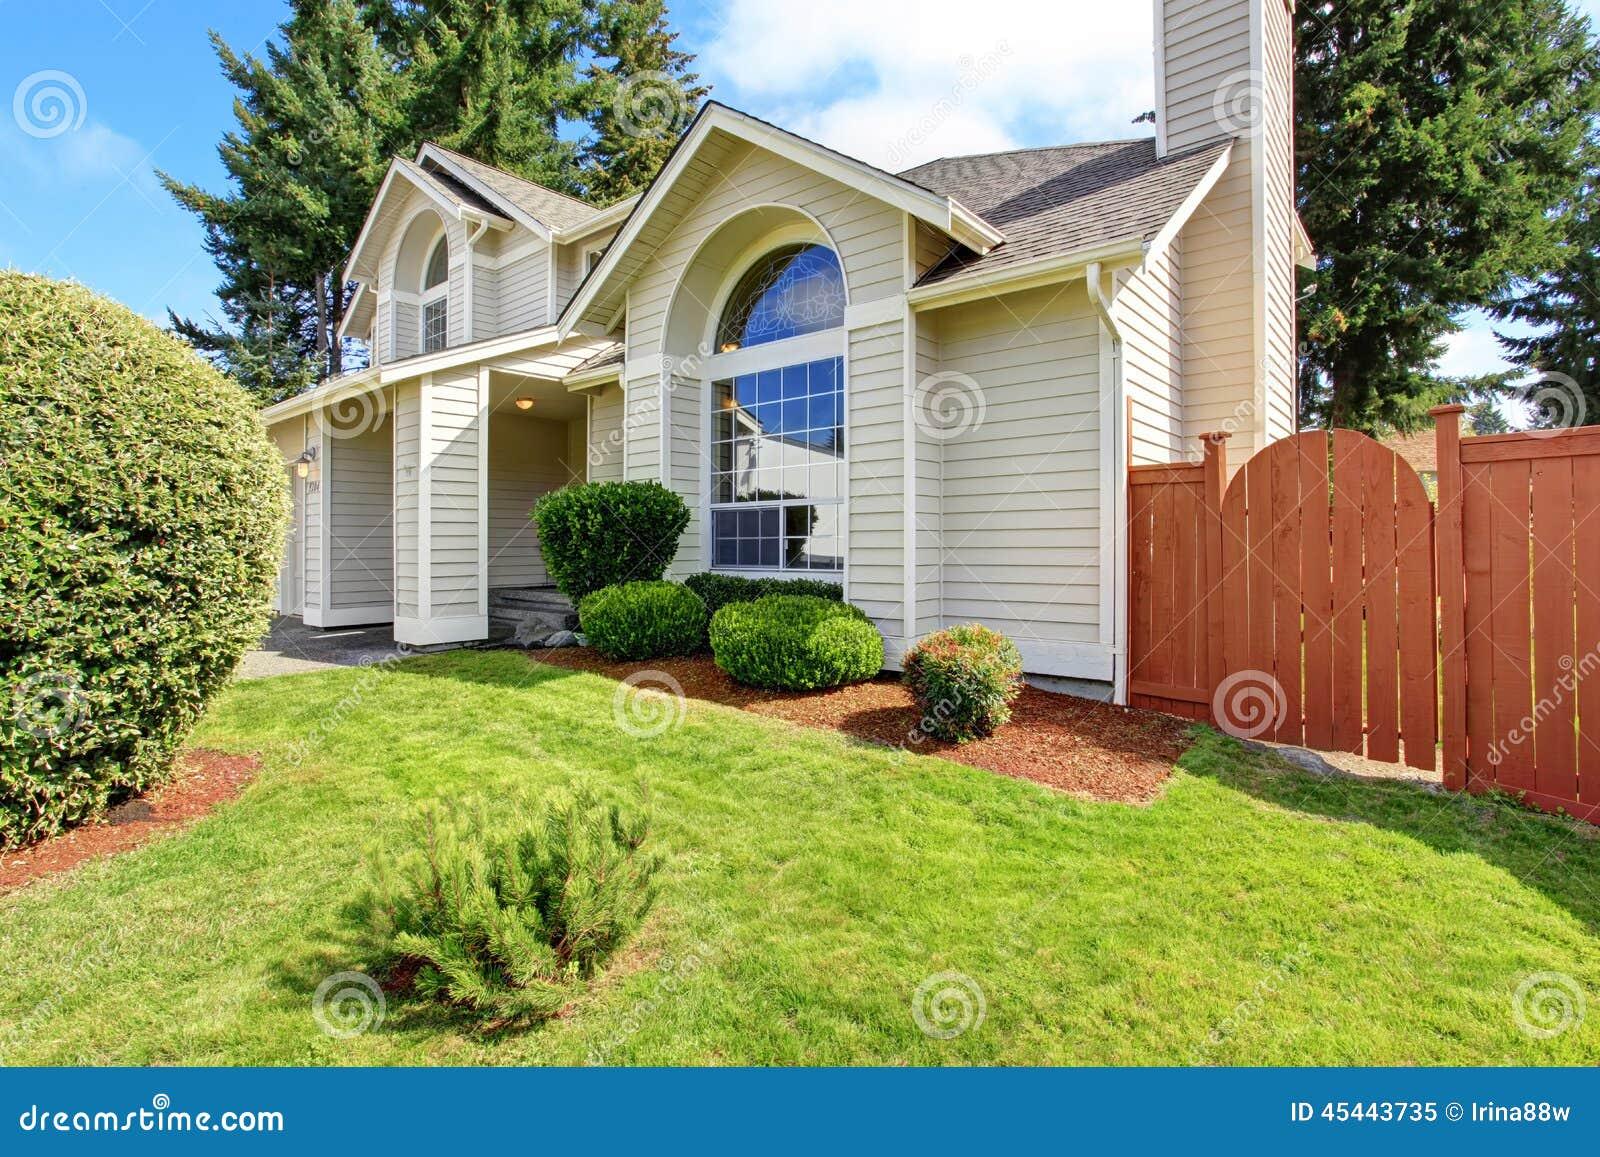 Schönes Haus Außen Mit Bogenfenster Stockbild - Bild von luxus, real ...